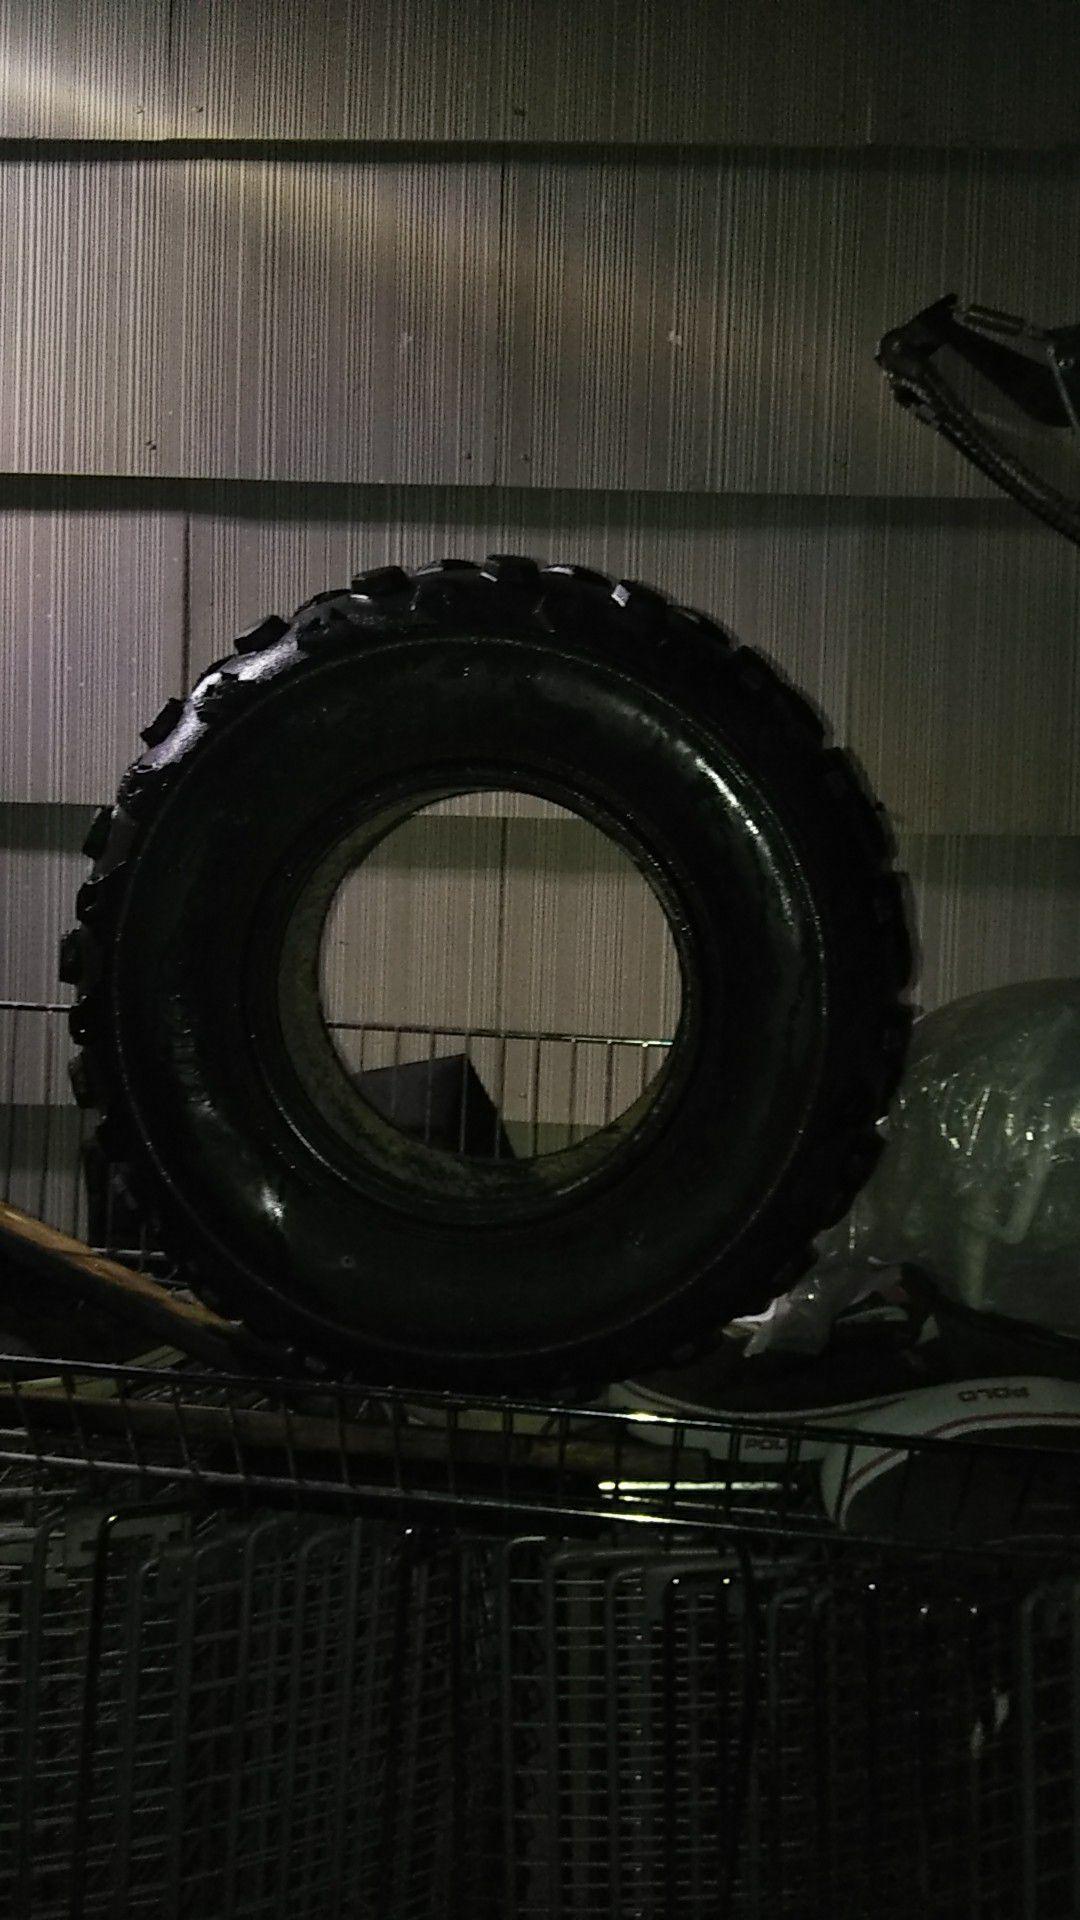 Off road tires 22x8-10 pair